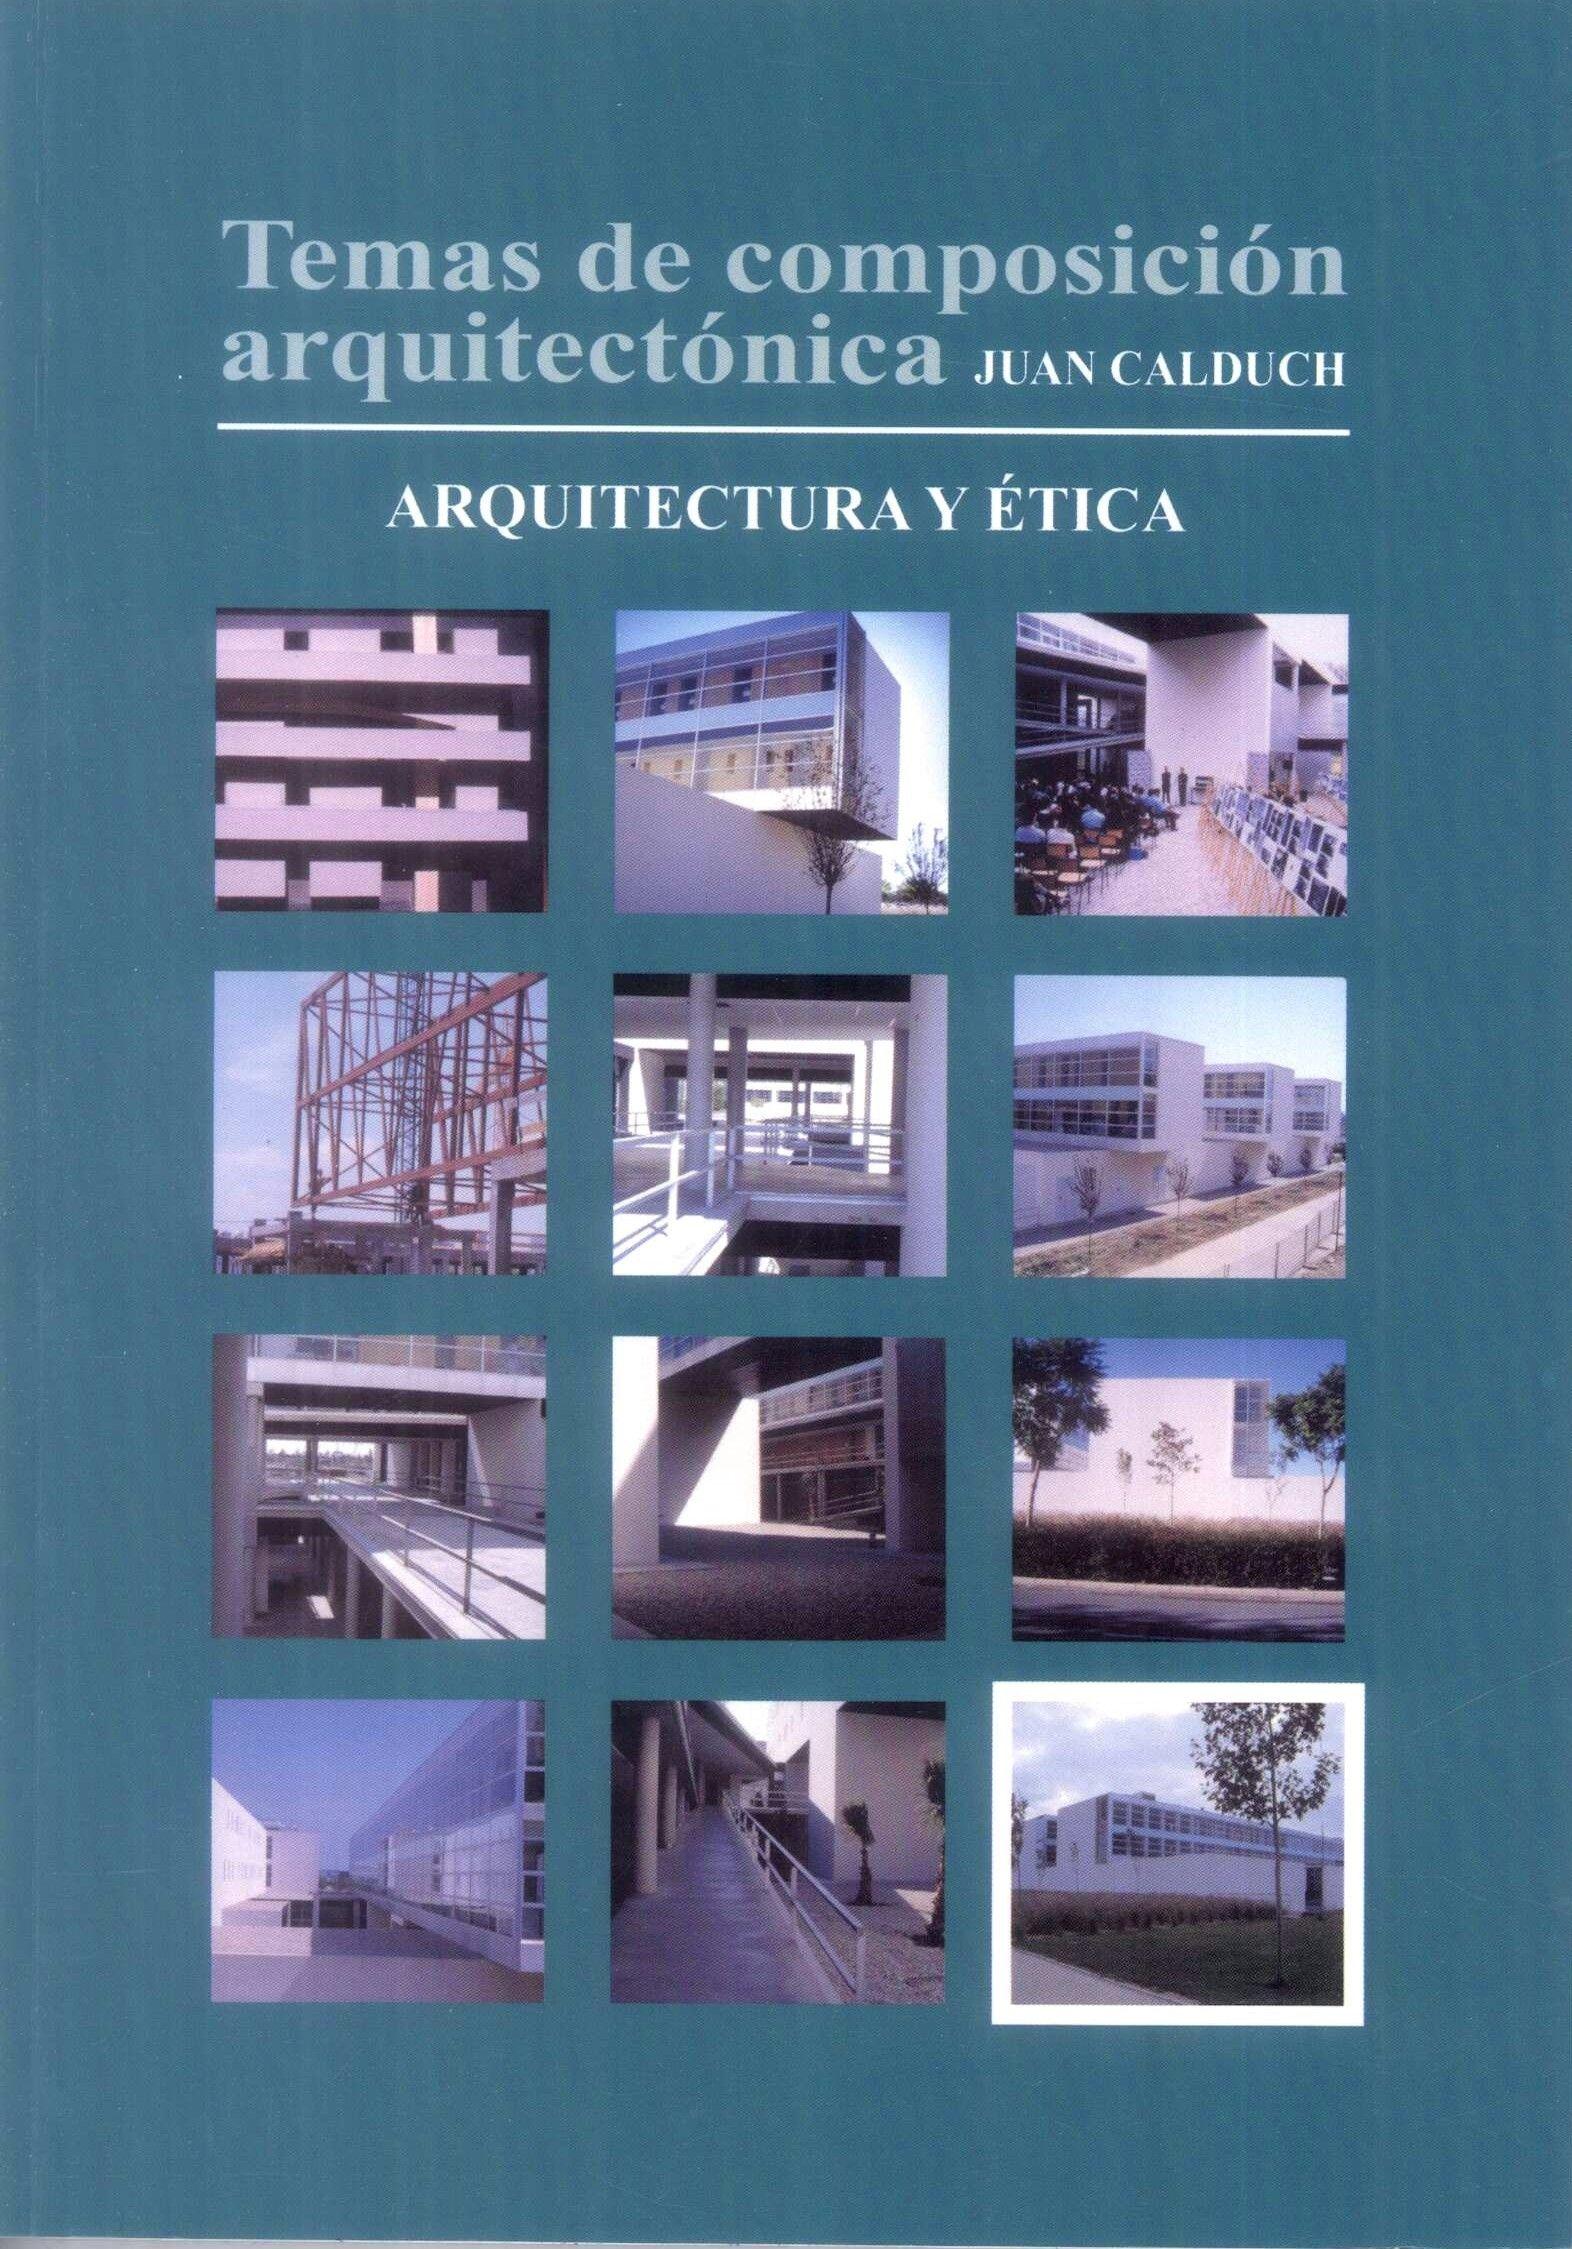 Temas de composición arquitectónica. volumen 12, Arquitectura y ética http://encore.fama.us.es/iii/encore/record/C__Rb2657945?lang=spi